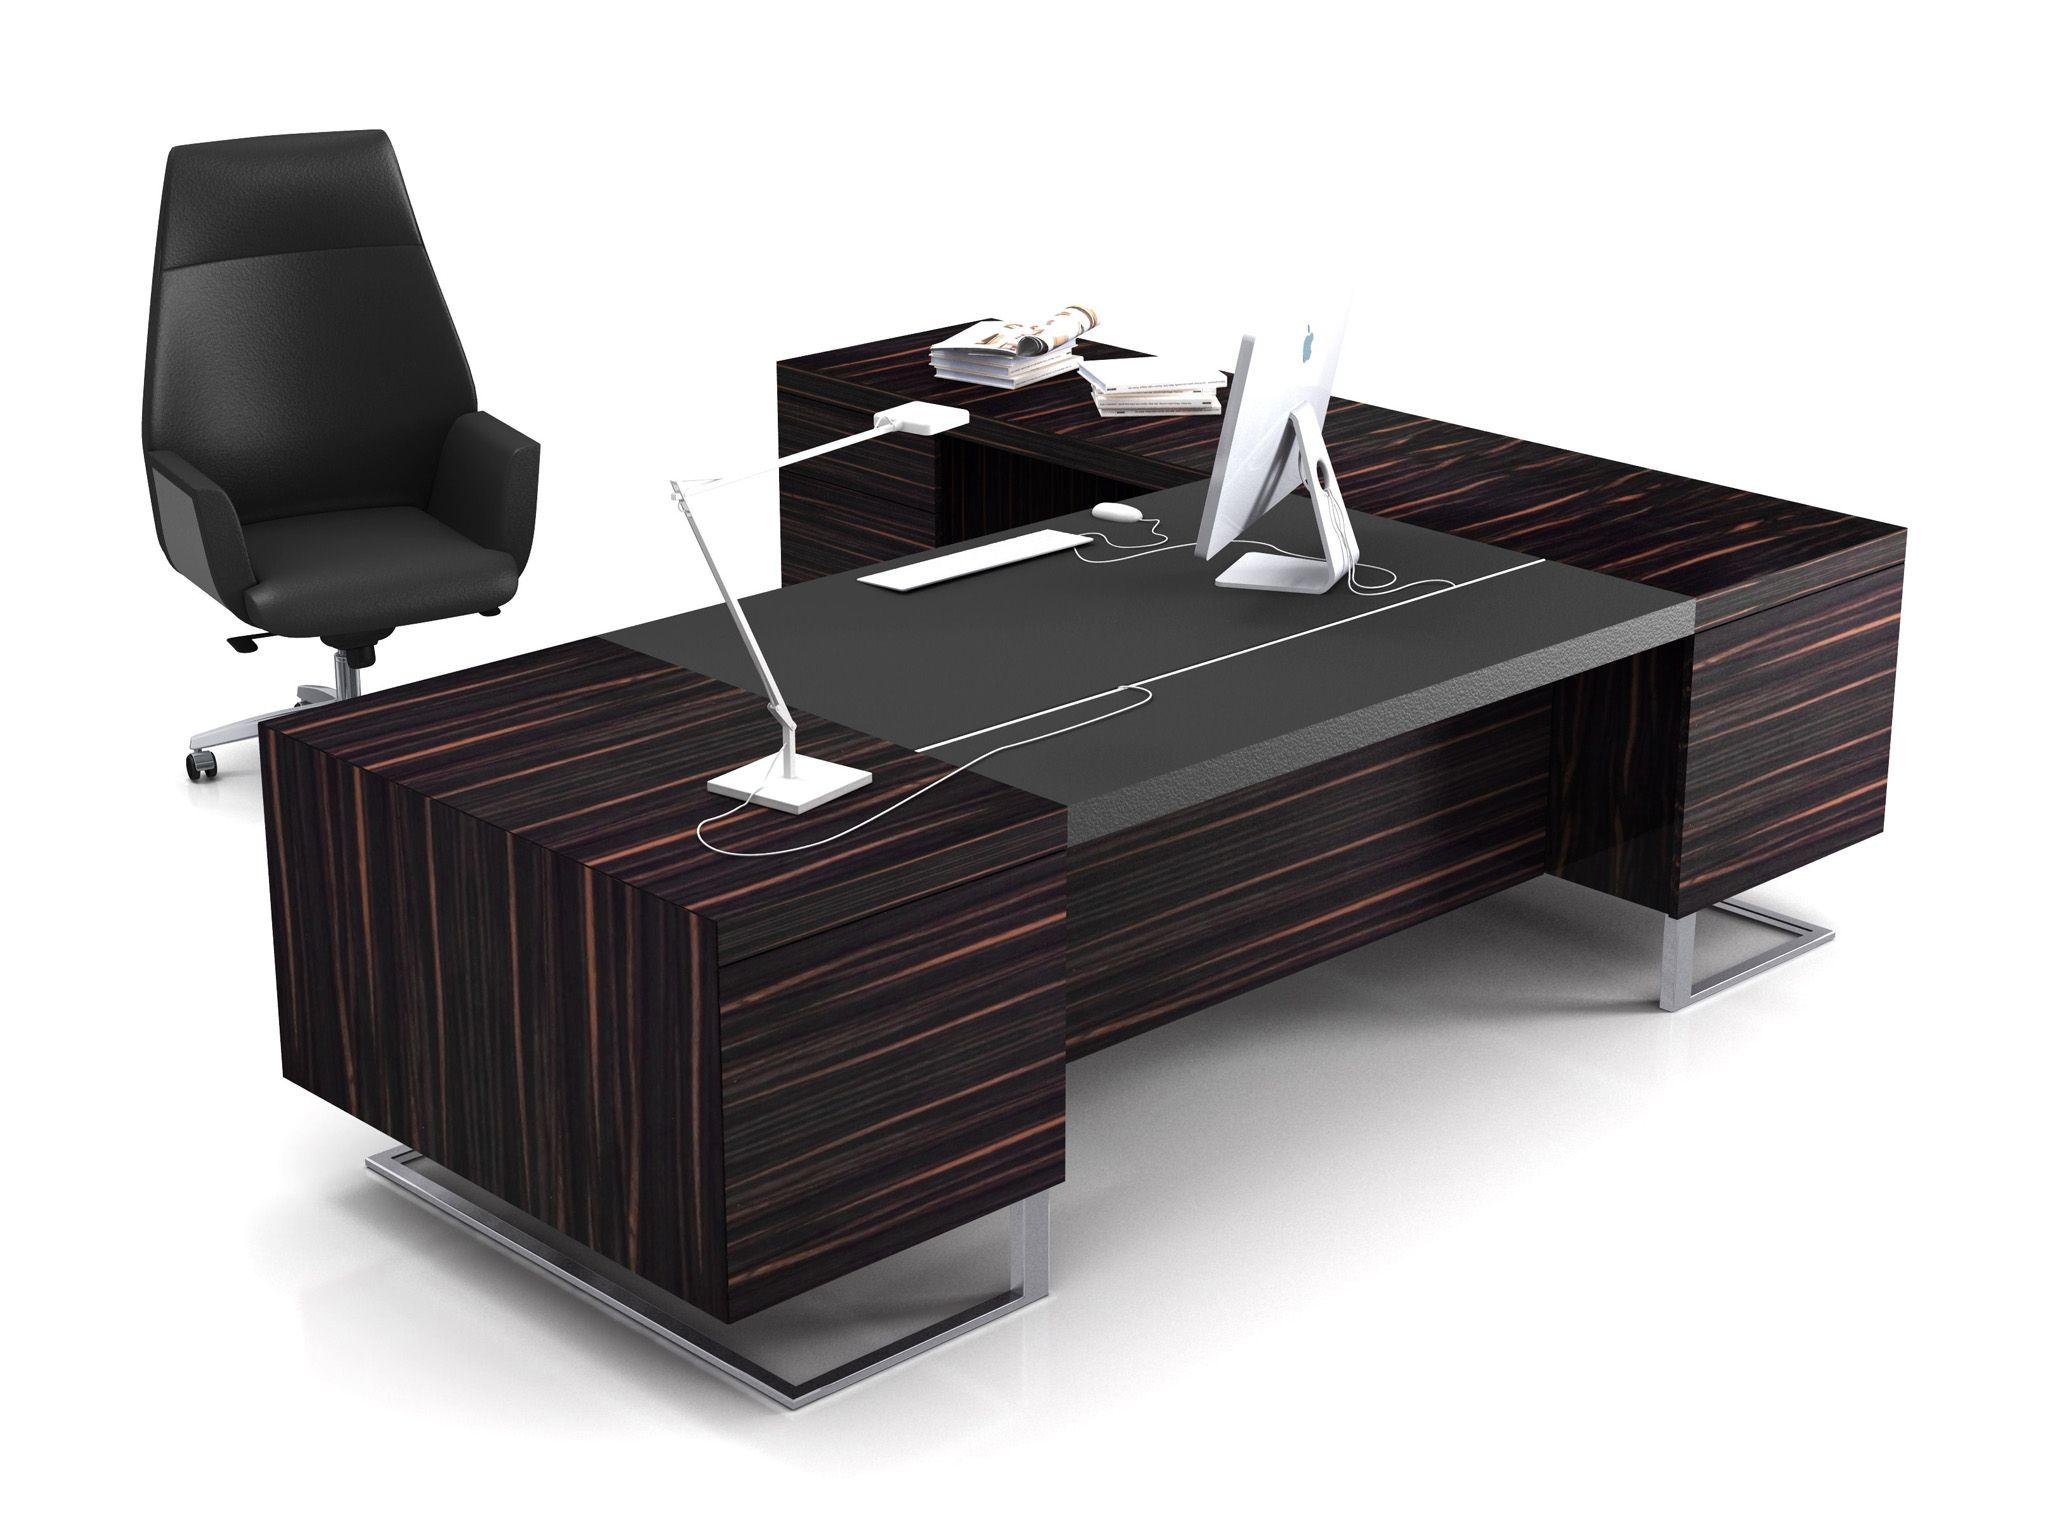 de escritório executiva retangular de madeira DECK LEADER Mesa de  #5F4744 2048x1536